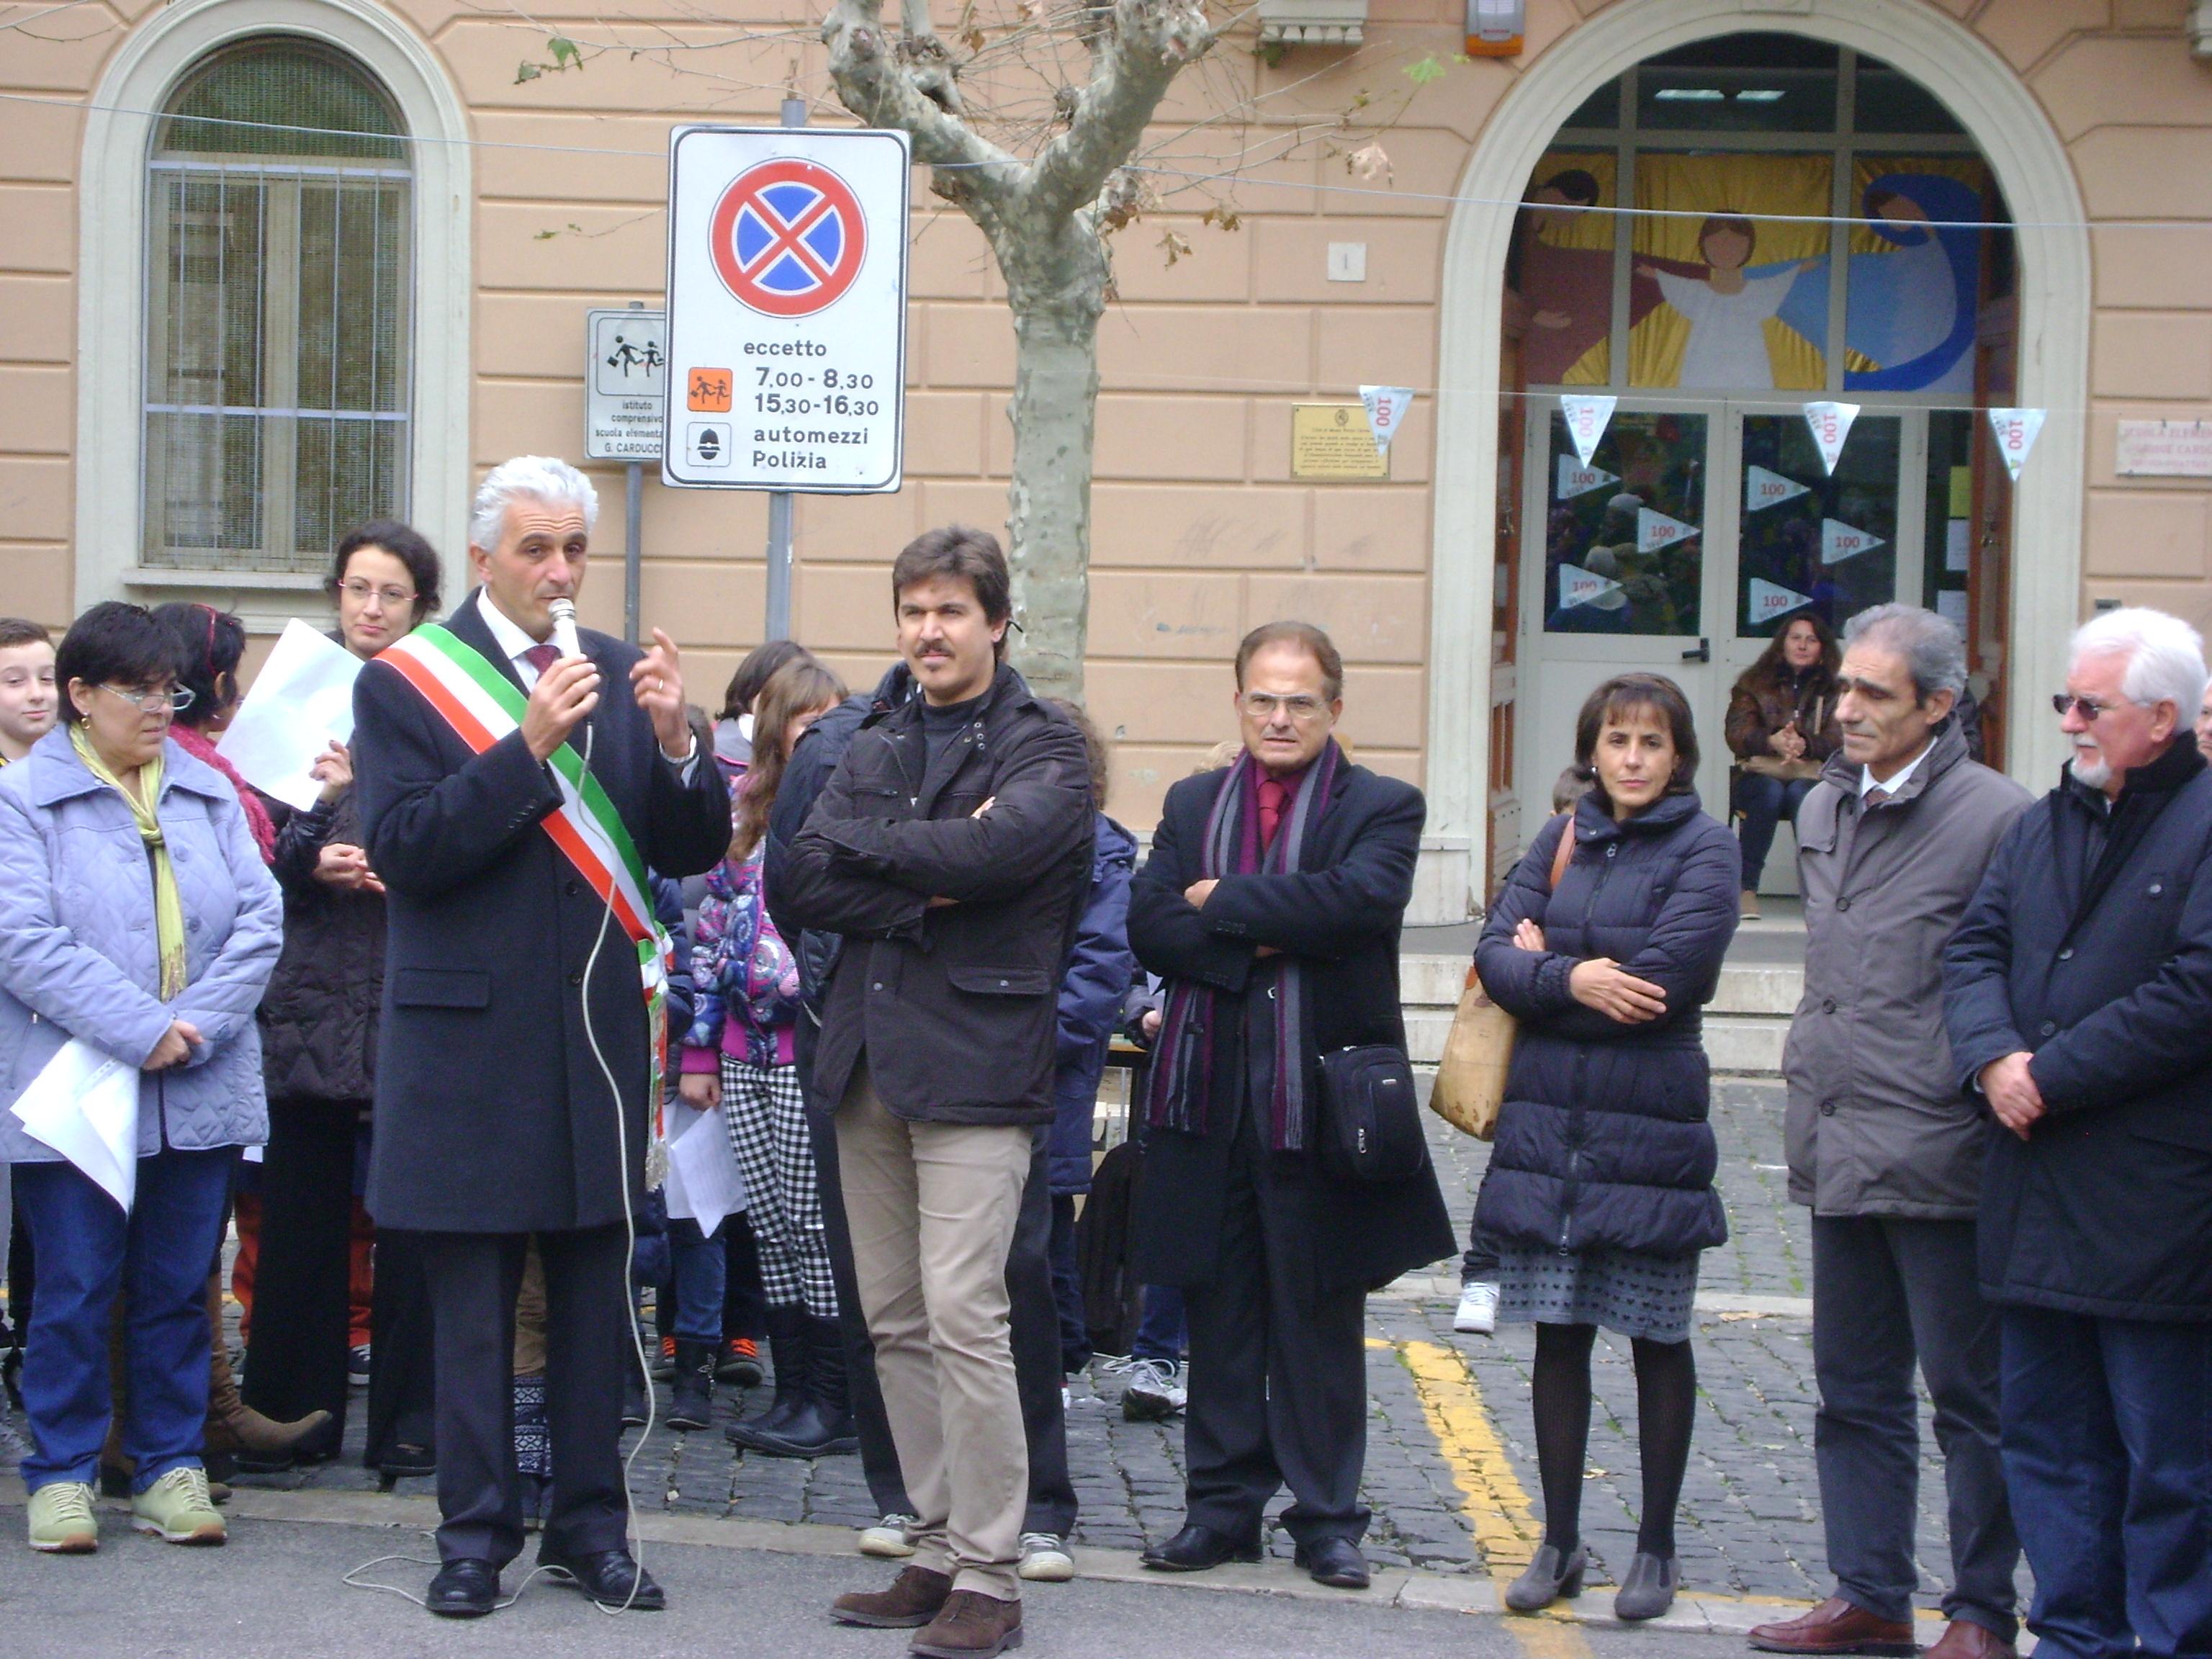 sindaco_e_vicesindaco_monteporzio_manifestazione_scolastica